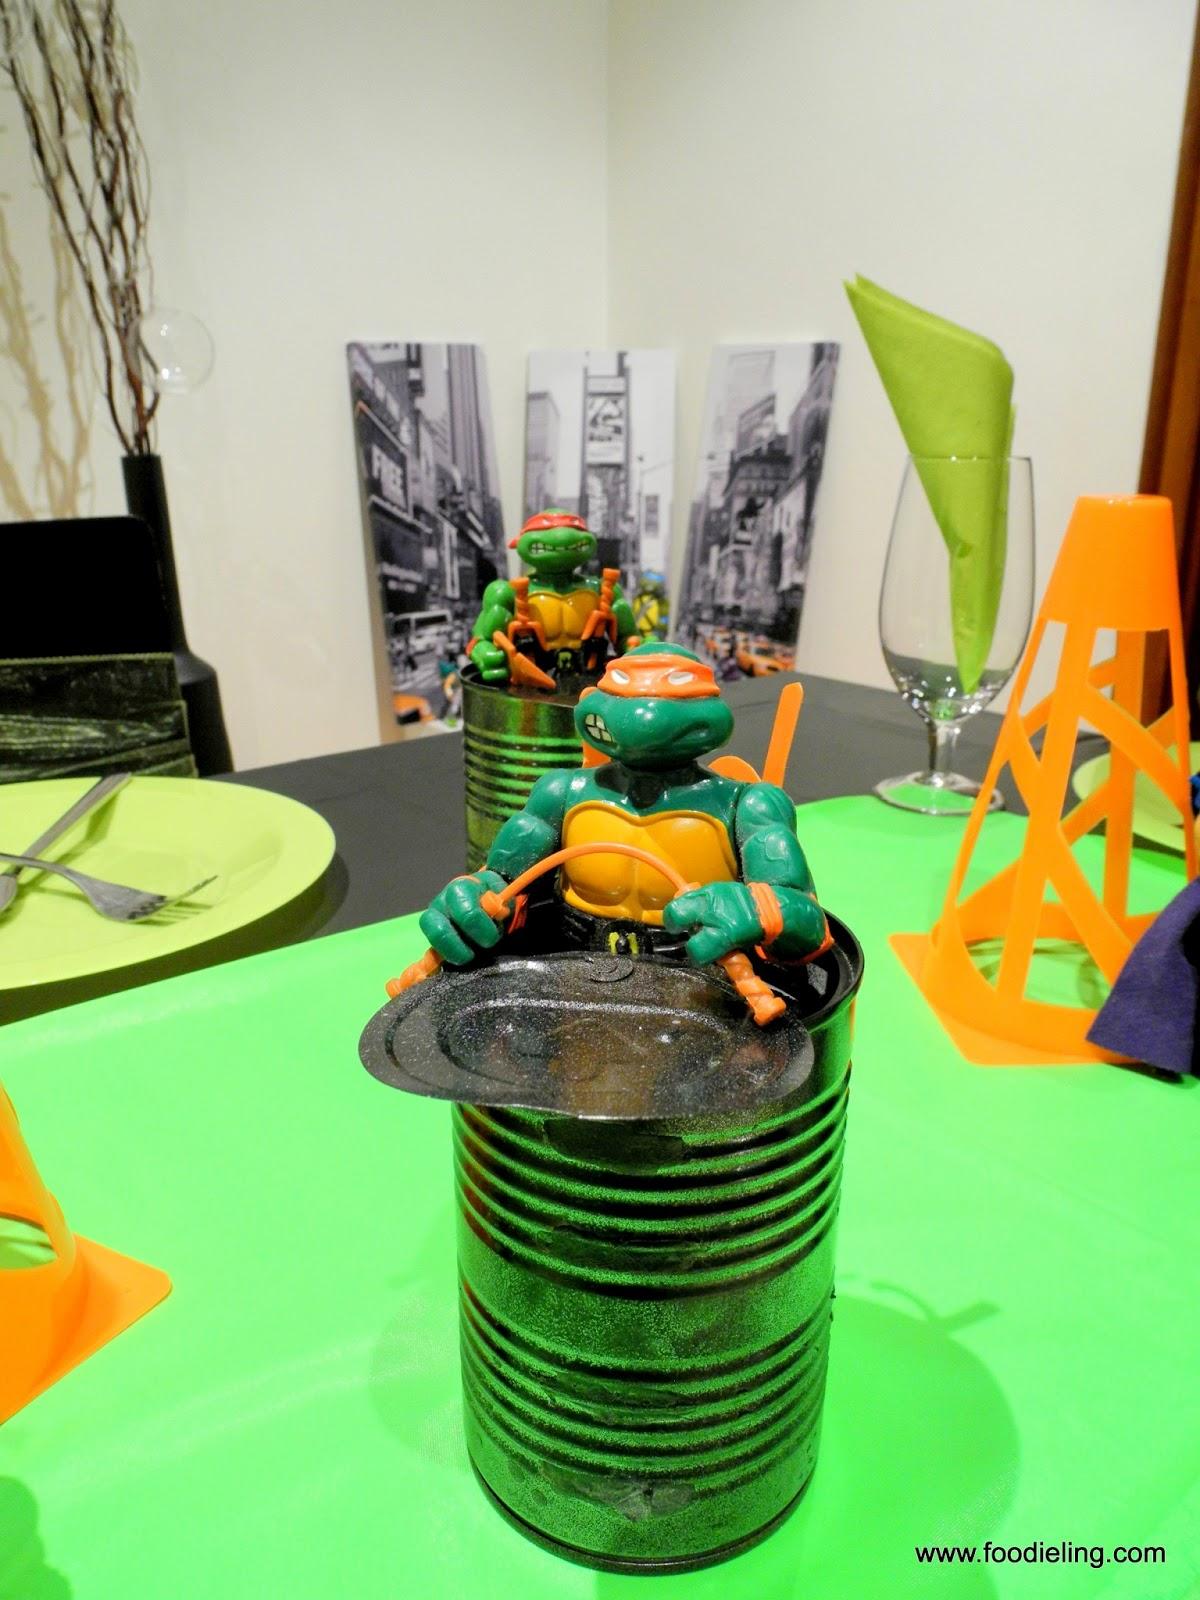 Foodie Ling Crust Dinner Party Cowabunga Ninja Turtles